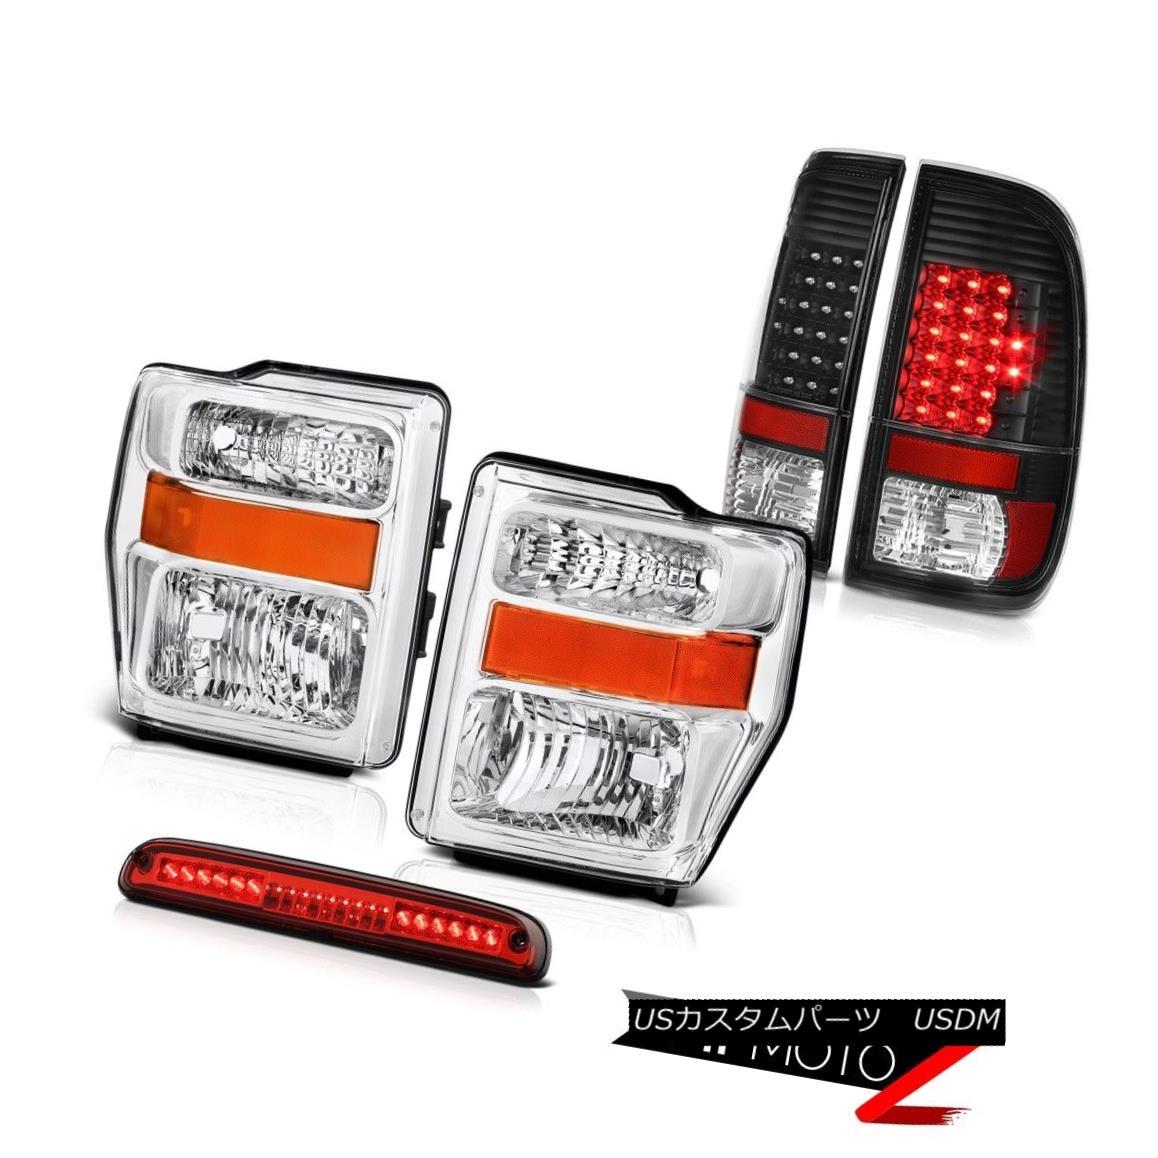 ヘッドライト 08-10 F350 6.8L Crystal Headlights Black Brake Tail Lights Wine Red Third LED 08-10 F350 6.8Lクリスタルヘッドライトブラックブレーキテールライトワインレッド第3 LED